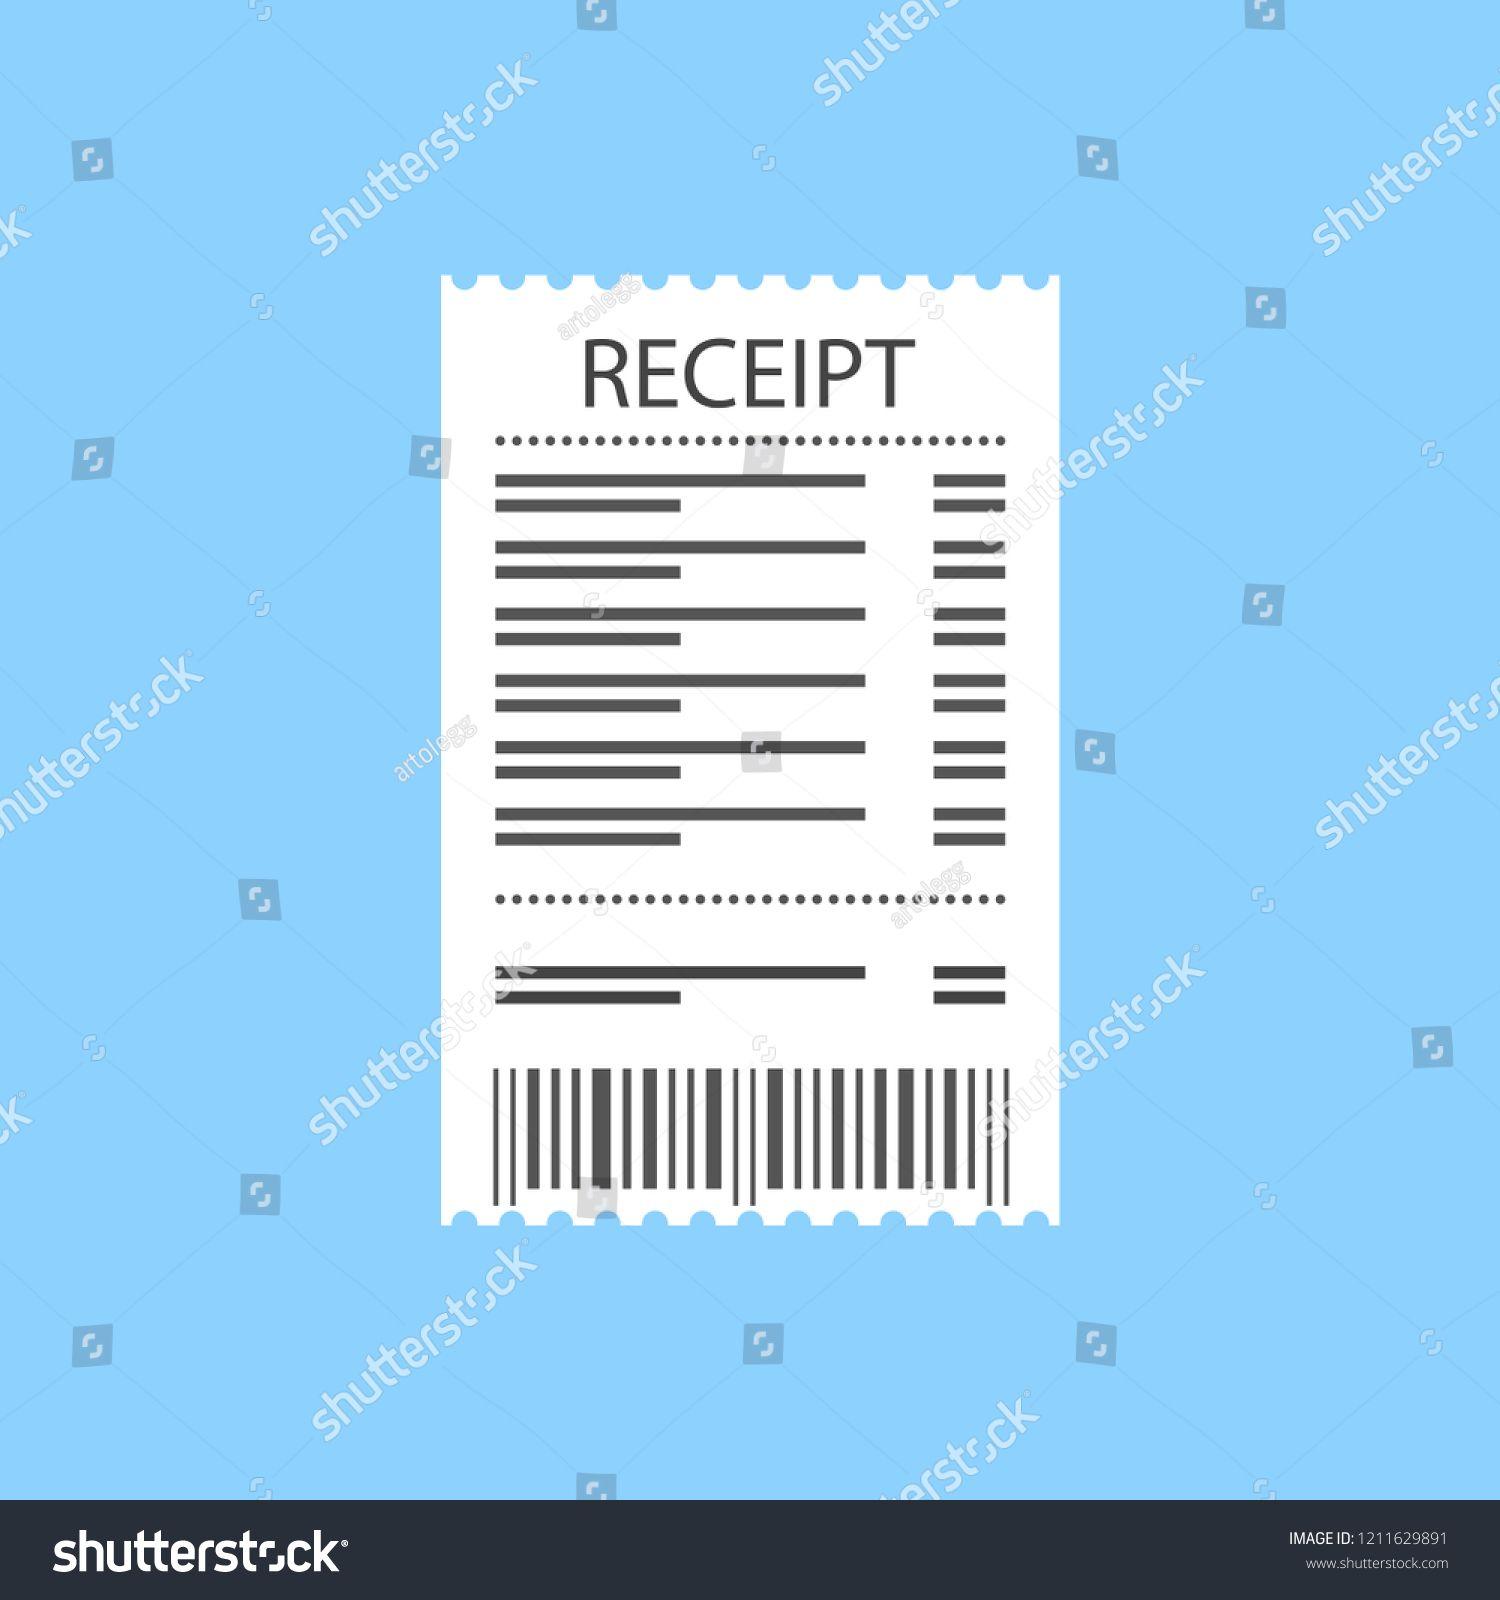 Receipt Icon Supermarket Paper Receipt Vector Illustration Supermarket Icon Receipt Paper Vector Illustration Photography Tutorials Supermarket